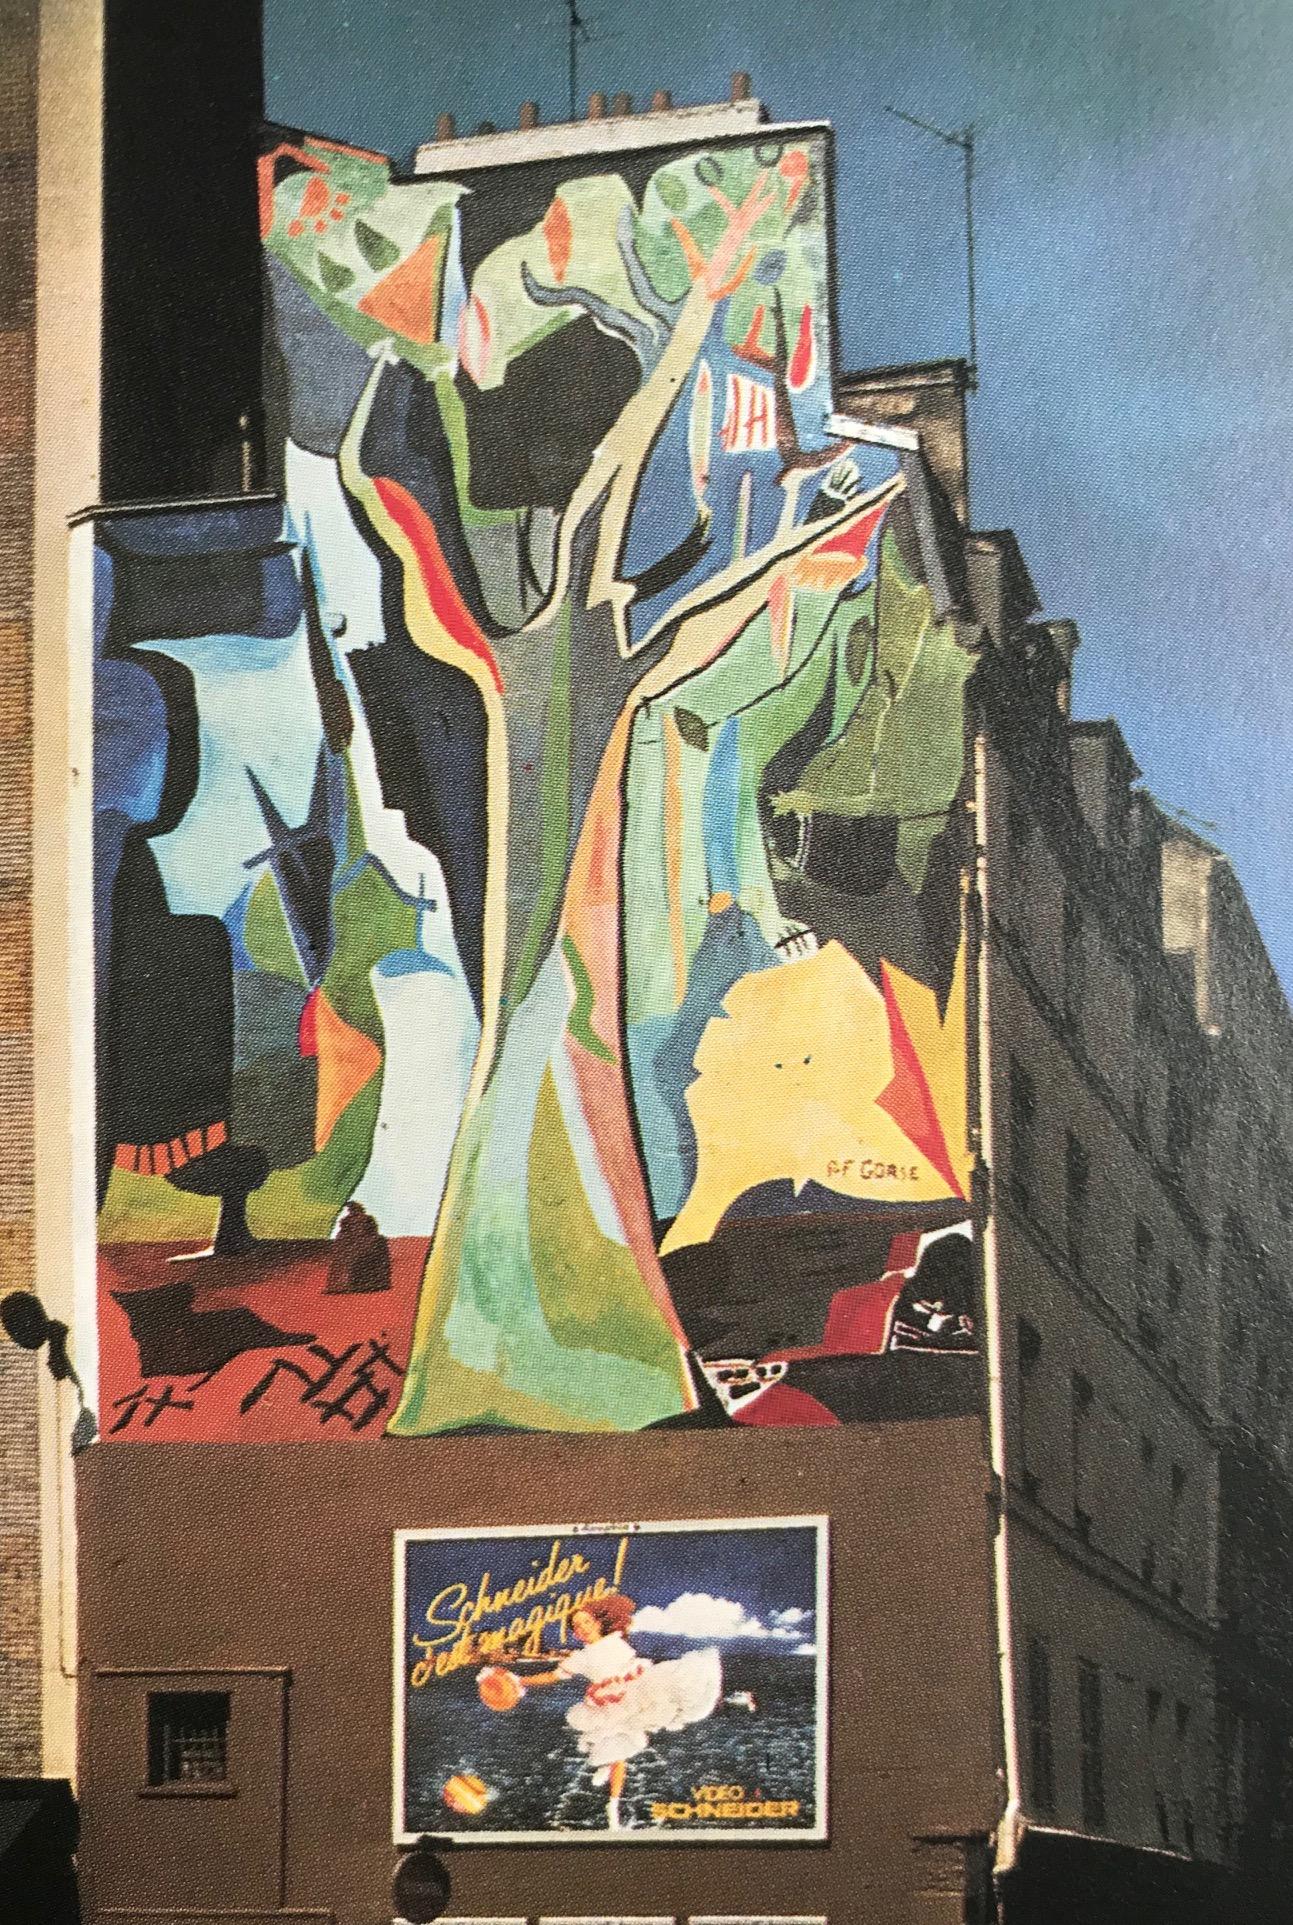 Fichierdauphin Affichage Publicitaire Mur Peintjpg